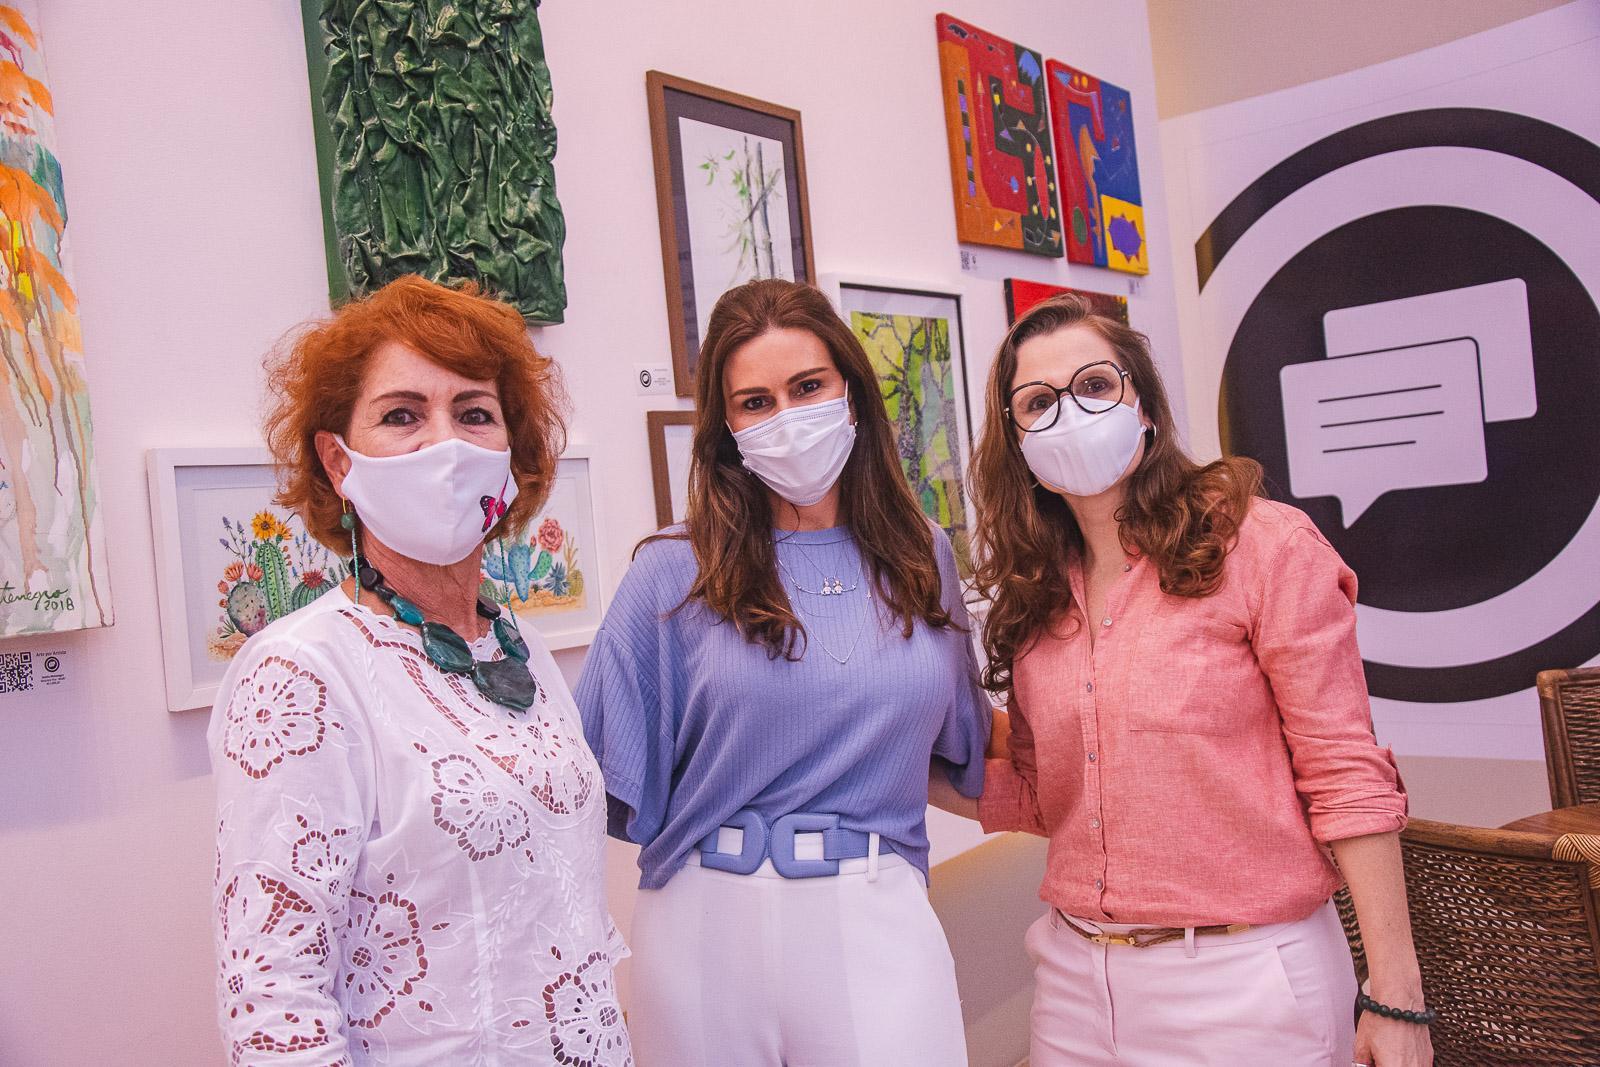 Espaço Cultural Ana Amélia recebe encontro pilotado por Andréa Dall'Olio, Veridiana Brasileiro e Lilia Quinderé